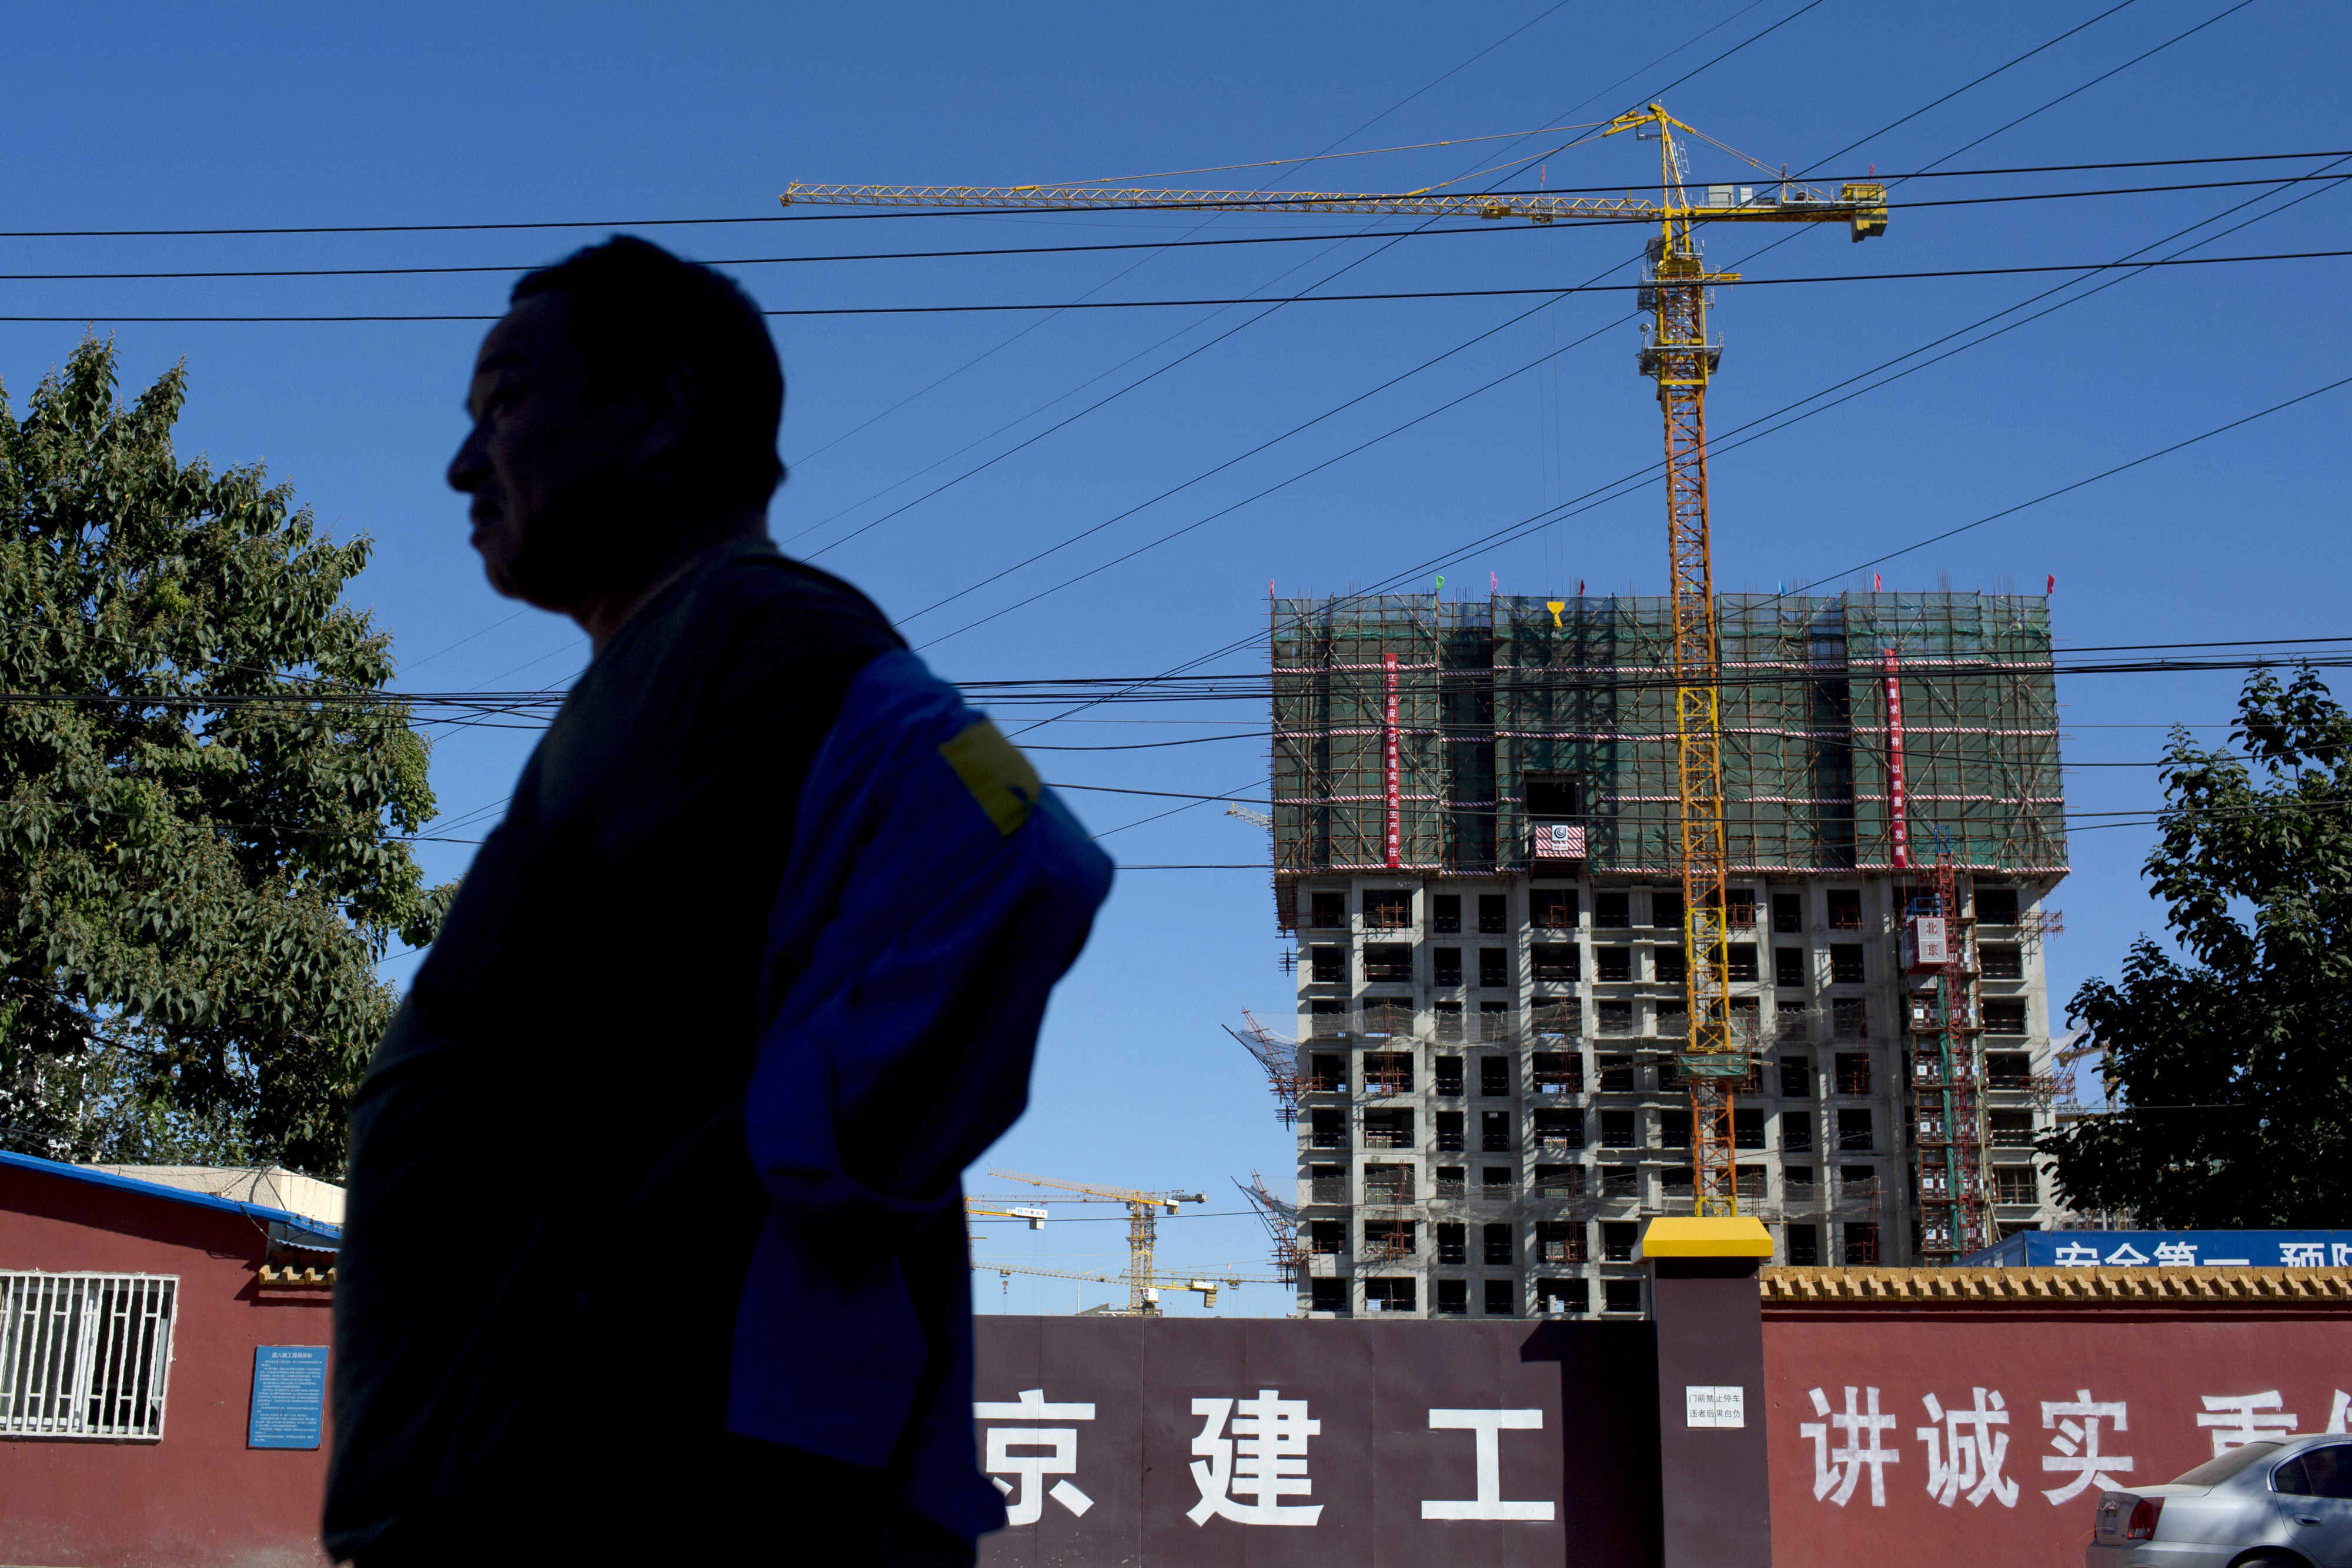 General Economy Images In Beijing